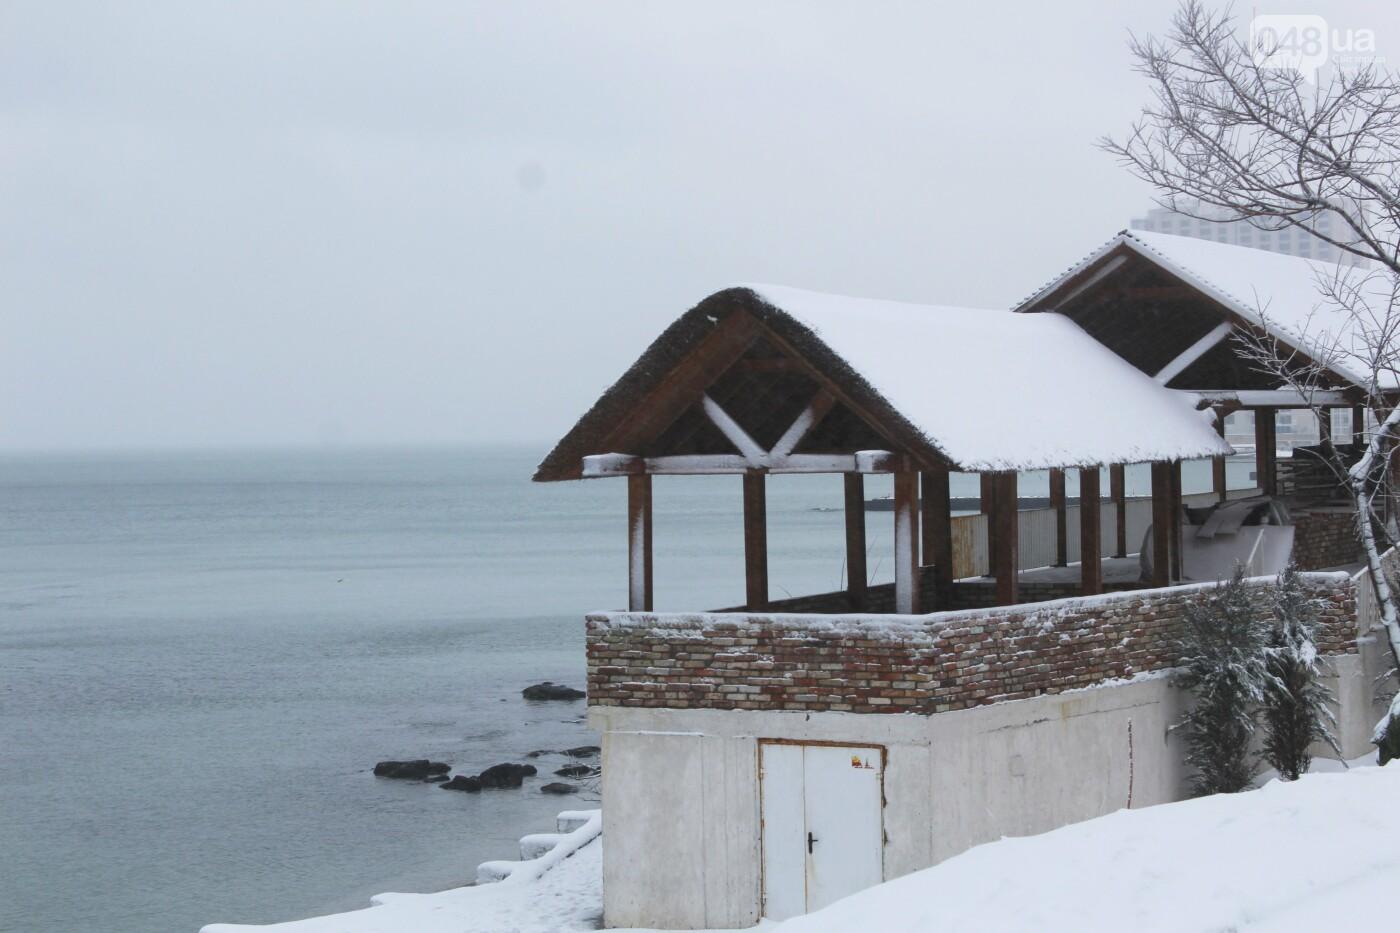 В Одессе побережье засыпало снегом: утки, котики и море, - ФОТОРЕПОРТАЖ, фото-29